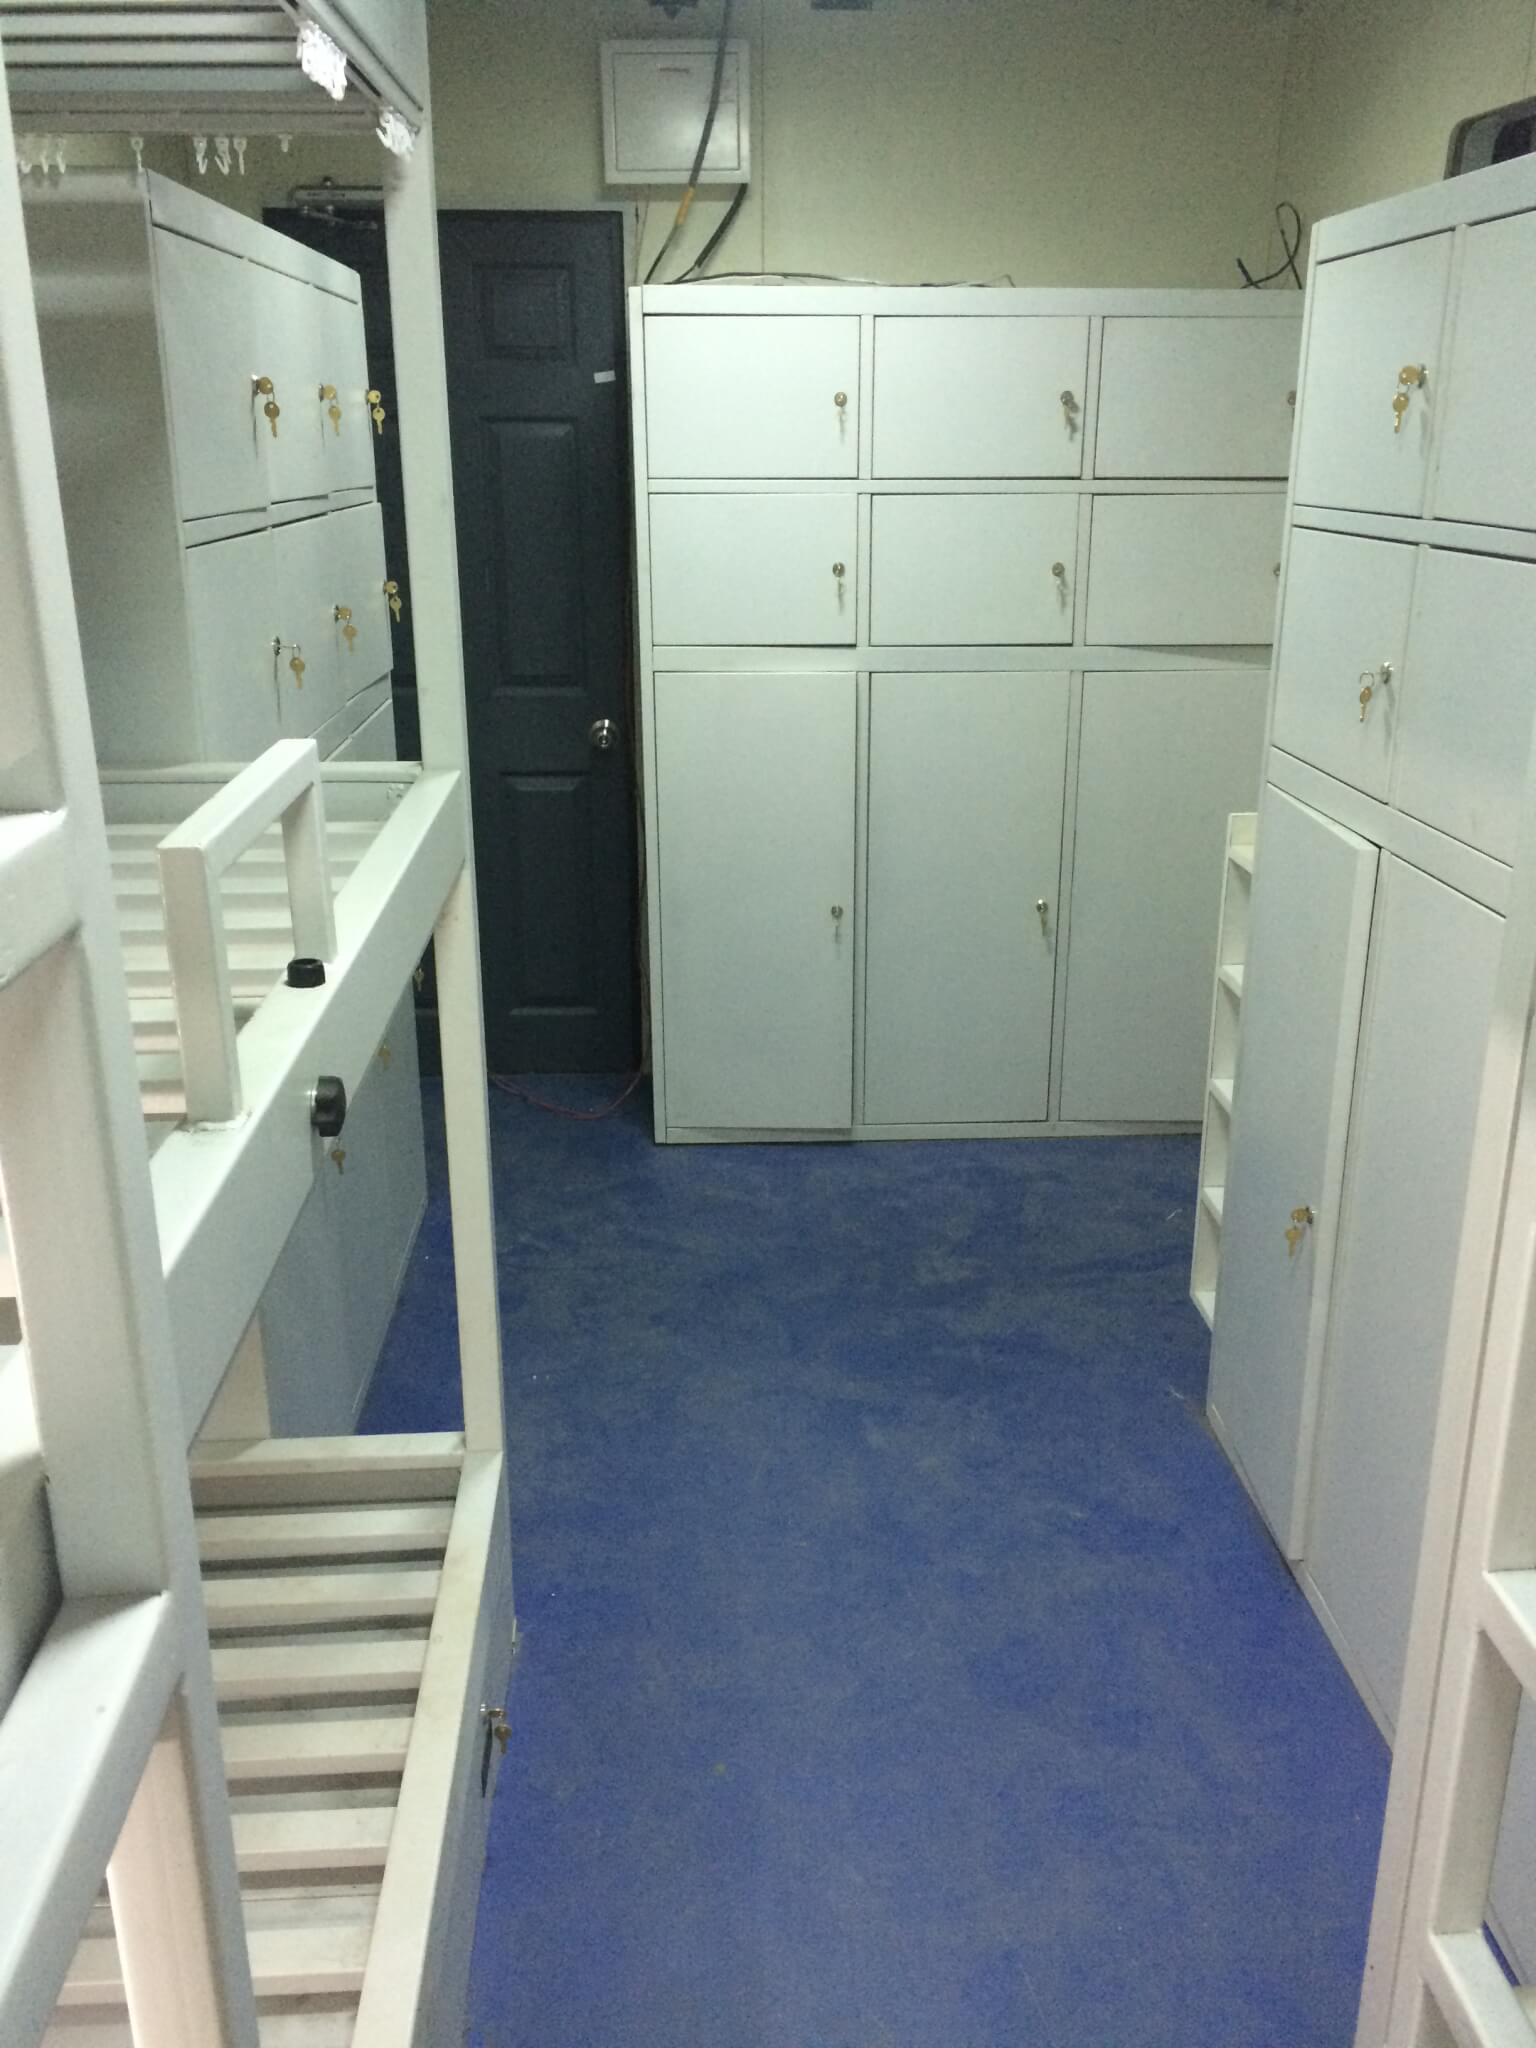 accomodation-cabin-3